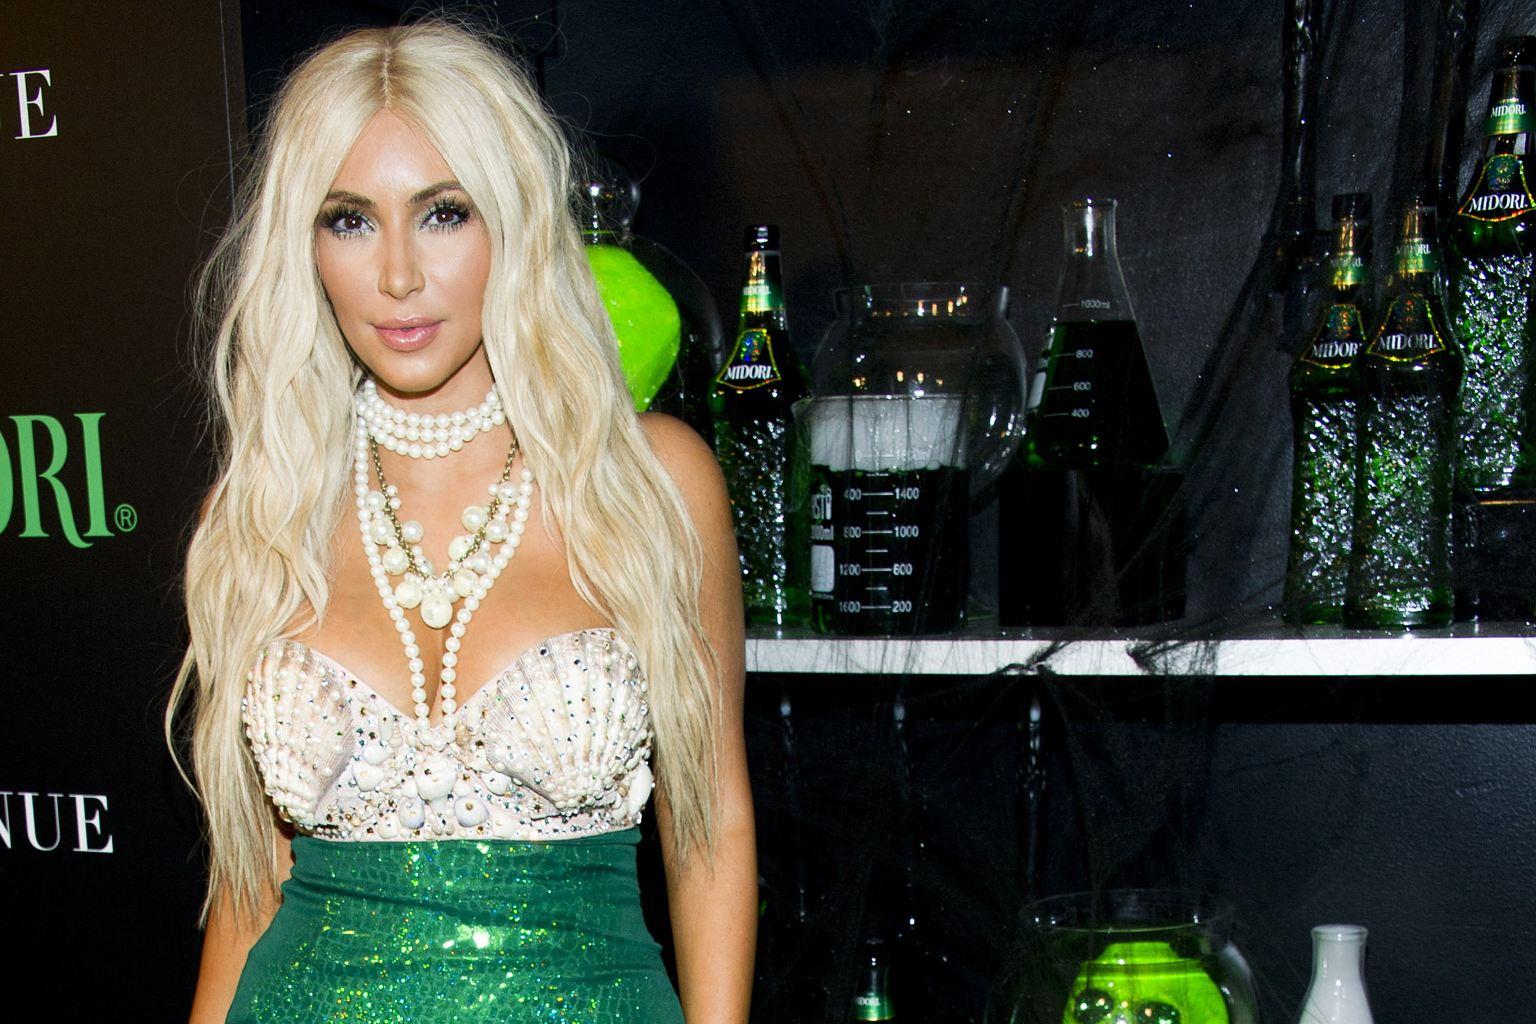 http://3.bp.blogspot.com/-fogwnhLaJl8/UI0QRXKP7wI/AAAAAAAAIoY/TOM88TykV4I/s1600/Kim-Kardashian-Midori-Halloween-Costume-thekilonsparkles-1.jpg